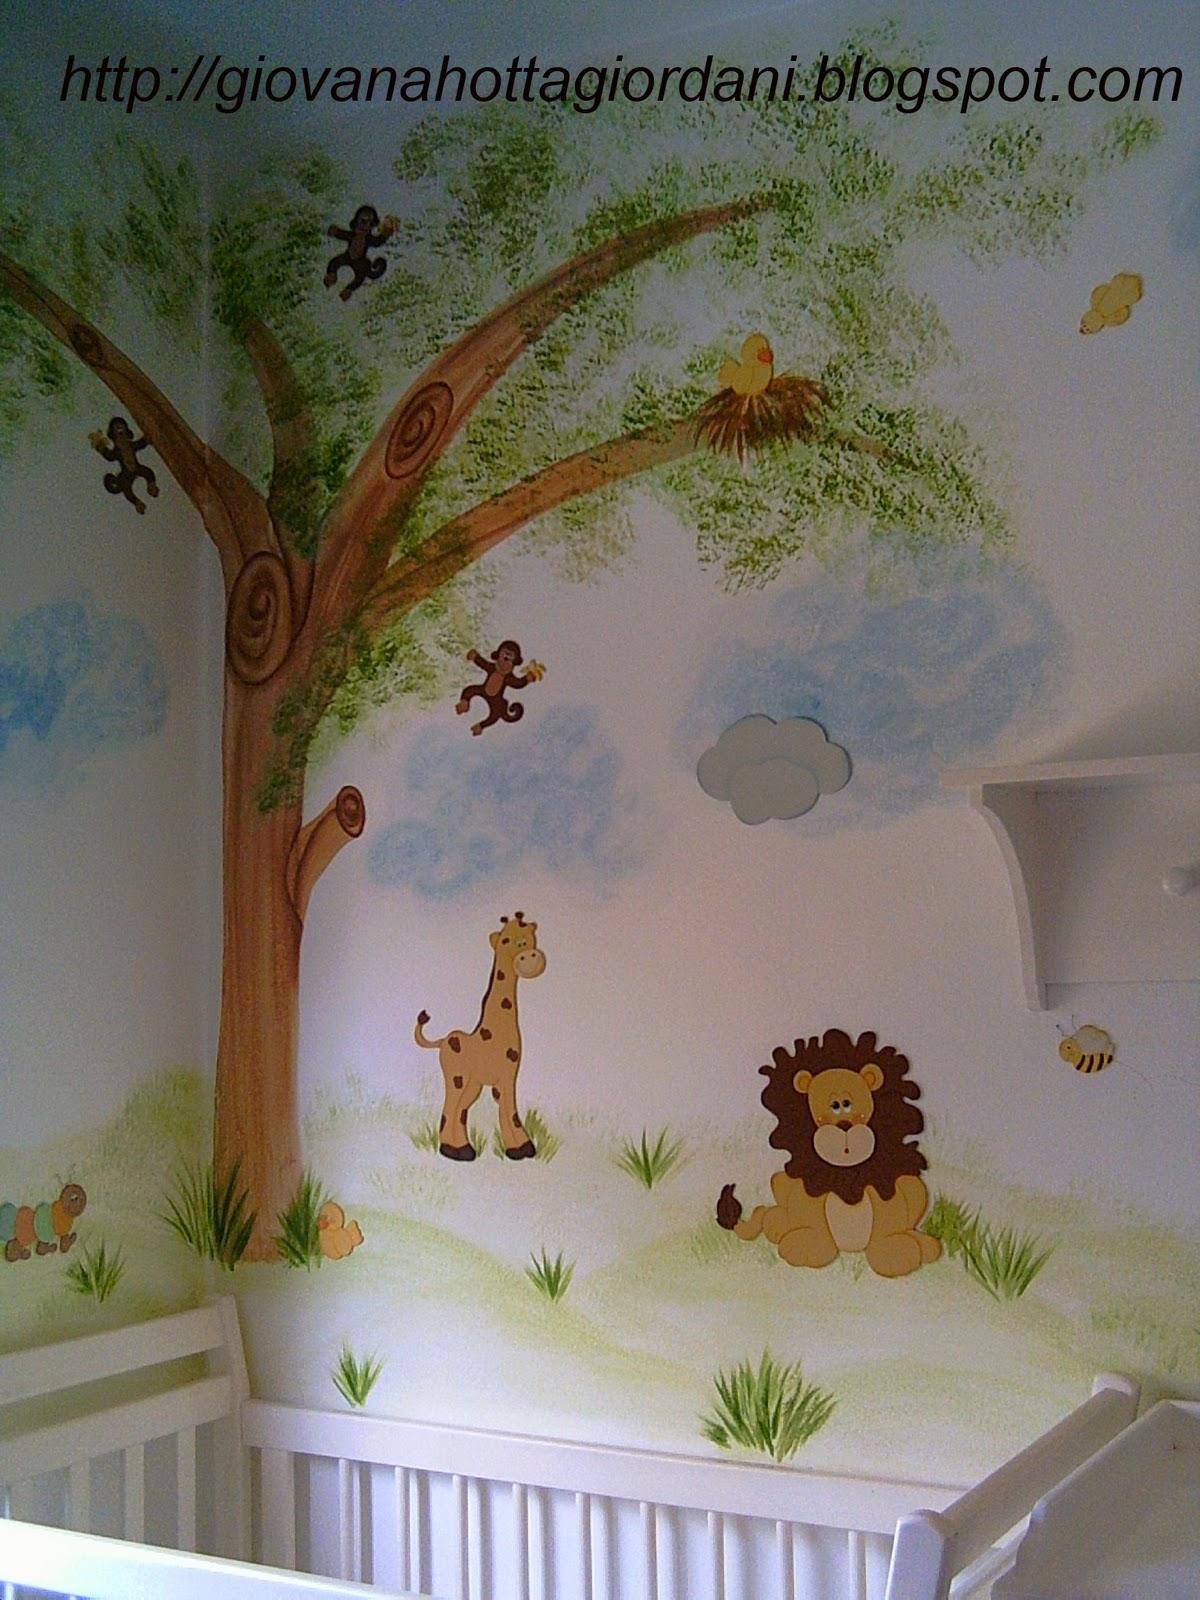 Giovana hotta giordani design de interiores pintura decorativa paredes pintura ou aplica o - Pintura decorativa para paredes ...